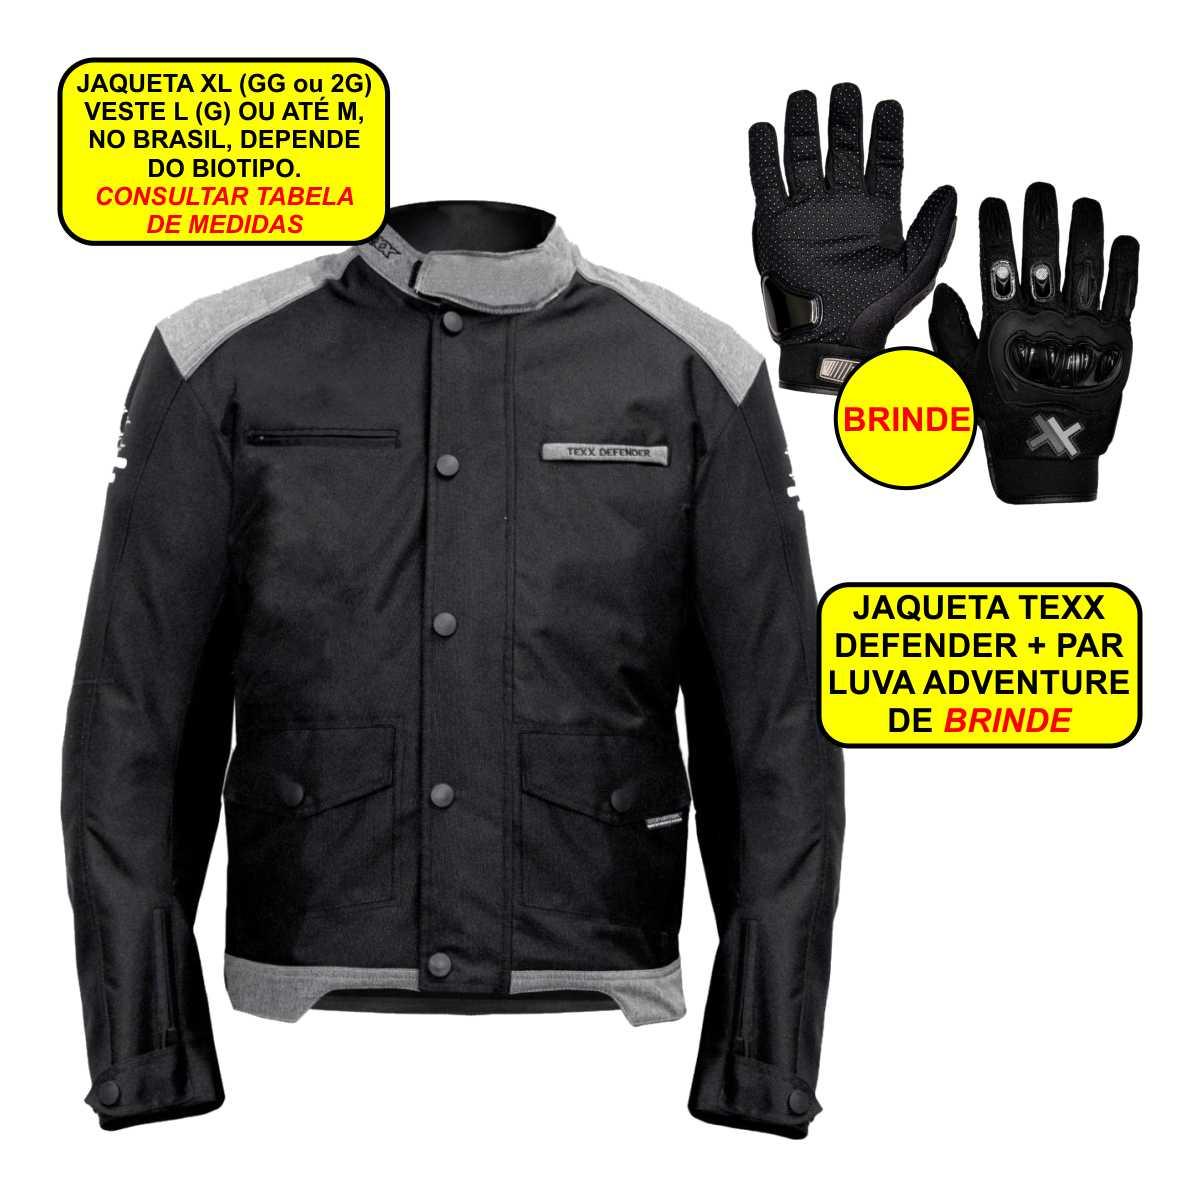 JAQUETA DE MOTOQUEIRO TEXX DEFENDER COM PROTEÇÕES IMPERMEÁVEL MOTOCICLISTA GG + PAR LUVA PROTEÇÕES